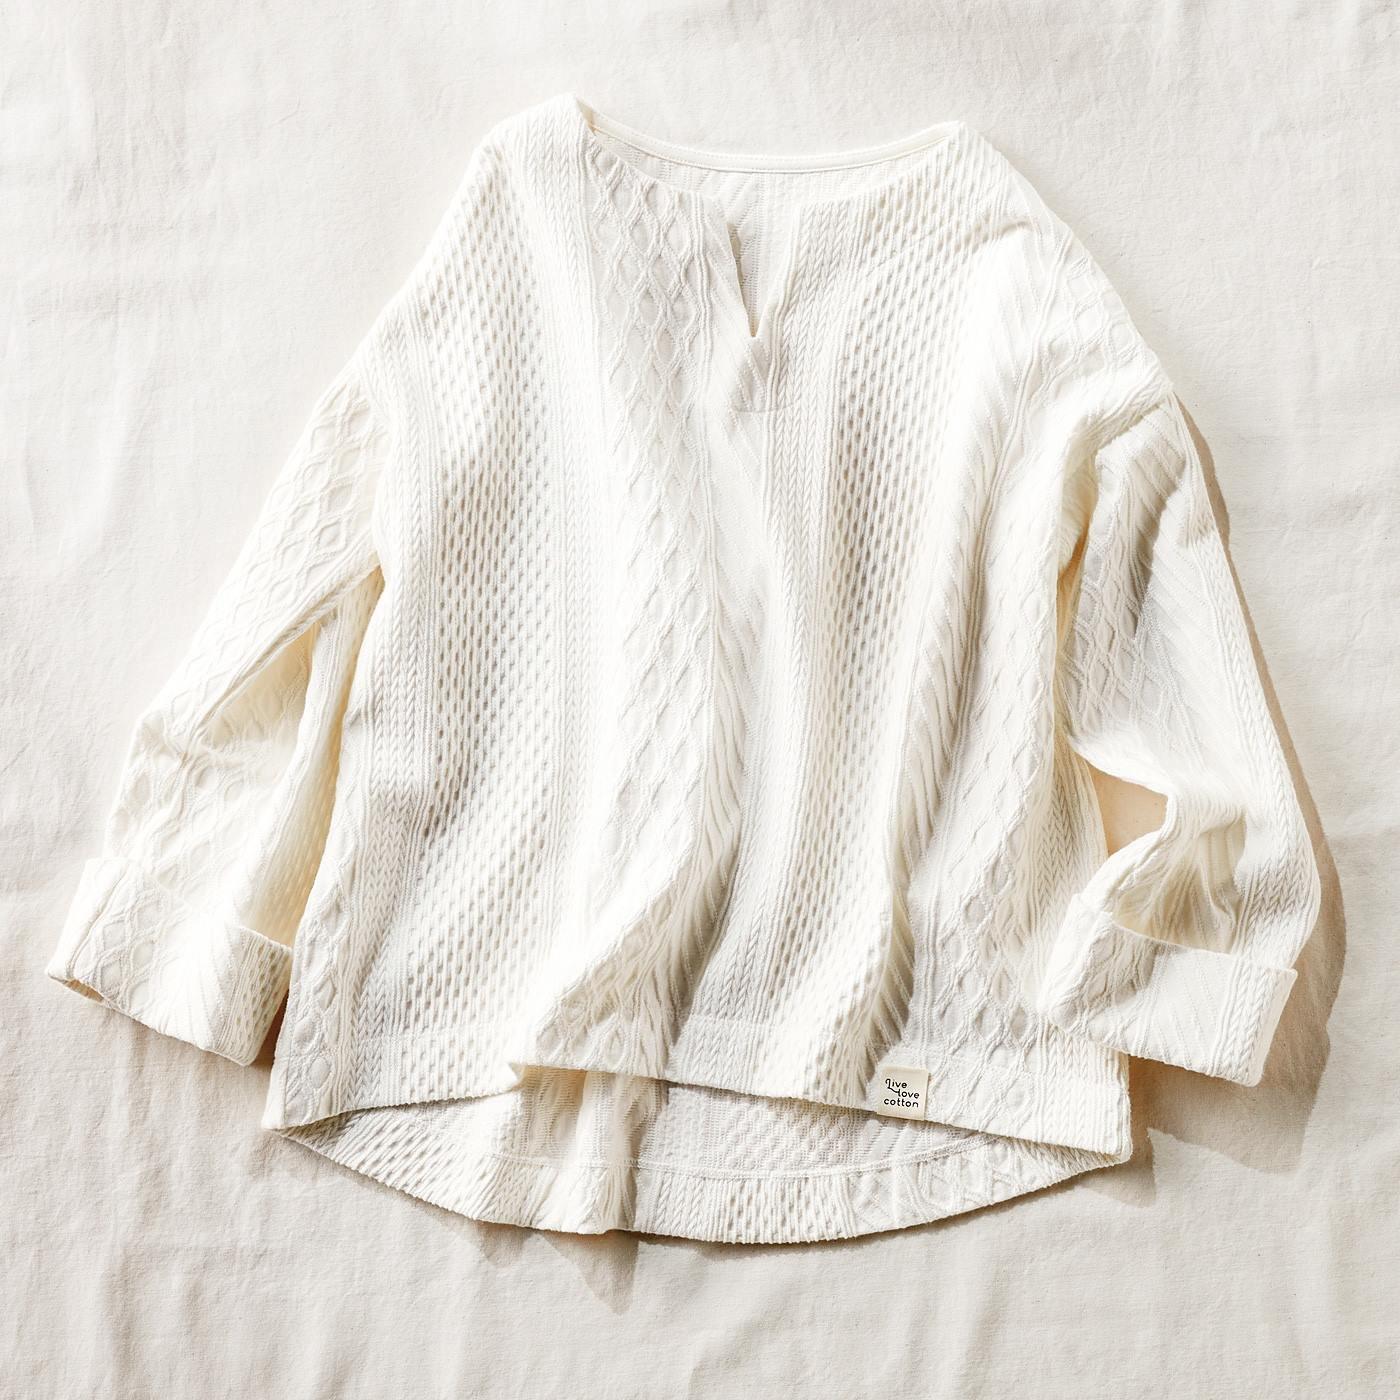 【3~10日でお届け】Live love cottonプロジェクト リブ イン コンフォート しっかり厚手の 柄編みが素敵なオーガニックコットントップス〈オフホワイト〉